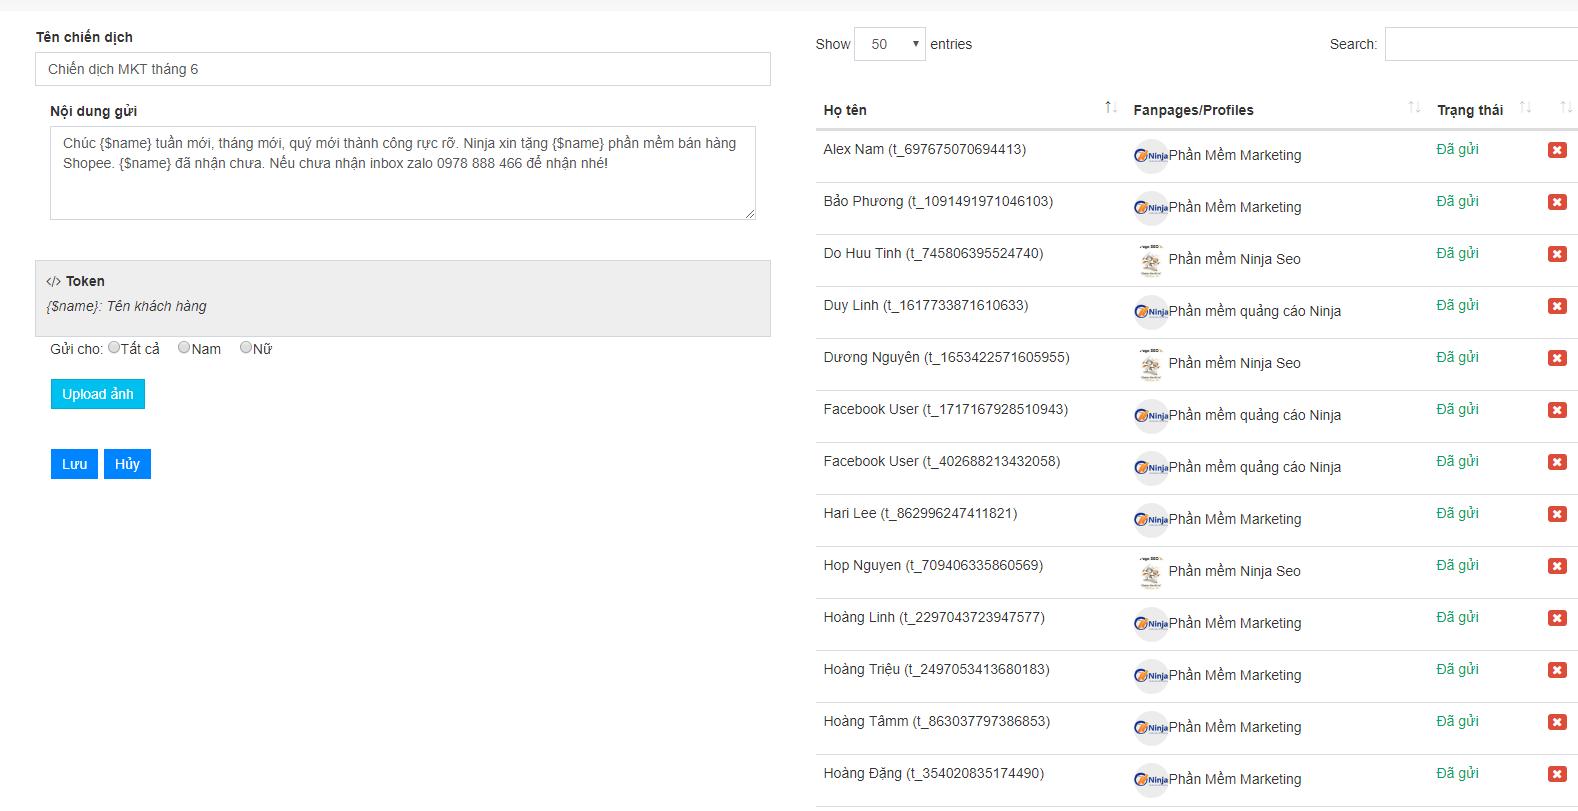 chien dich ninja fanpage Remarketing hiệu quả bán trăm đơn mỗi ngày với phần mềm gửi tin nhắn fanpage